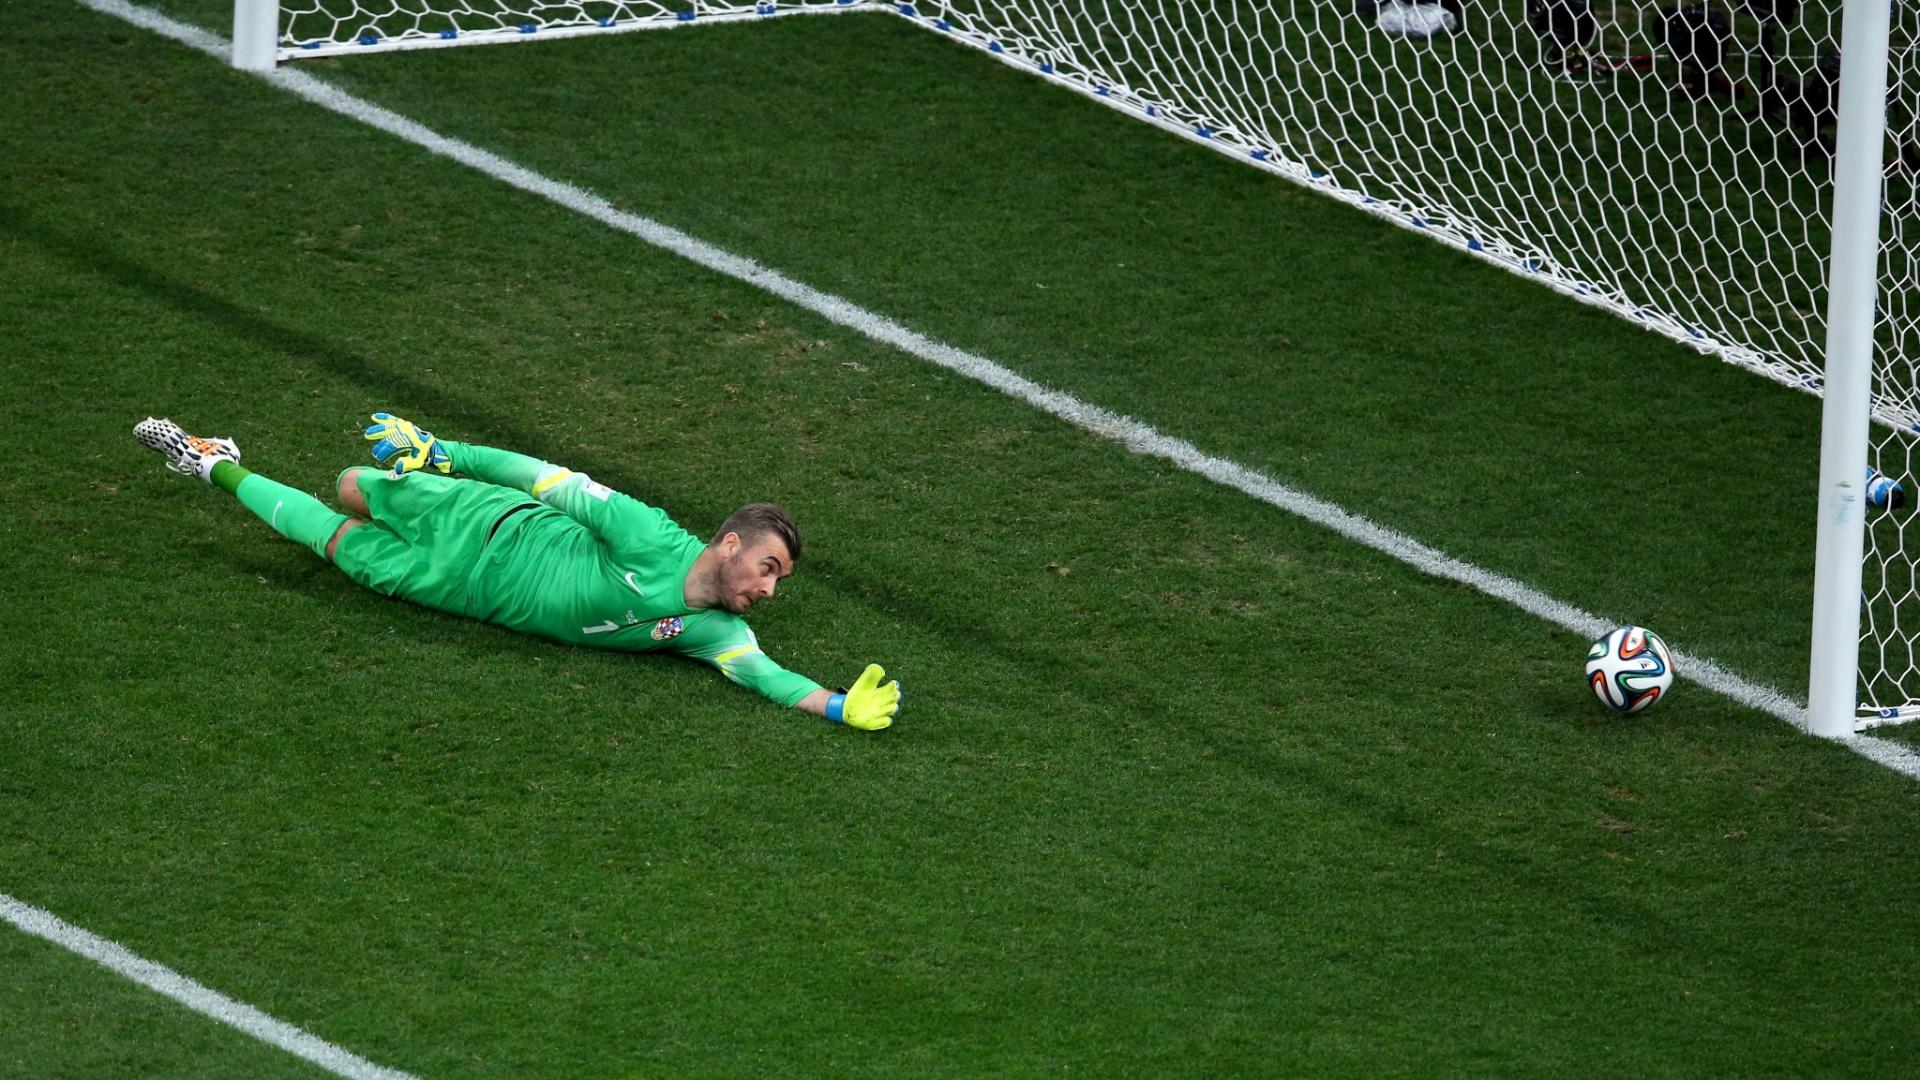 12.jun.2014 - Goleiro Pletikosa se estica, mas não impede o gol de empate do Brasil contra a Croácia, no Itaquerão